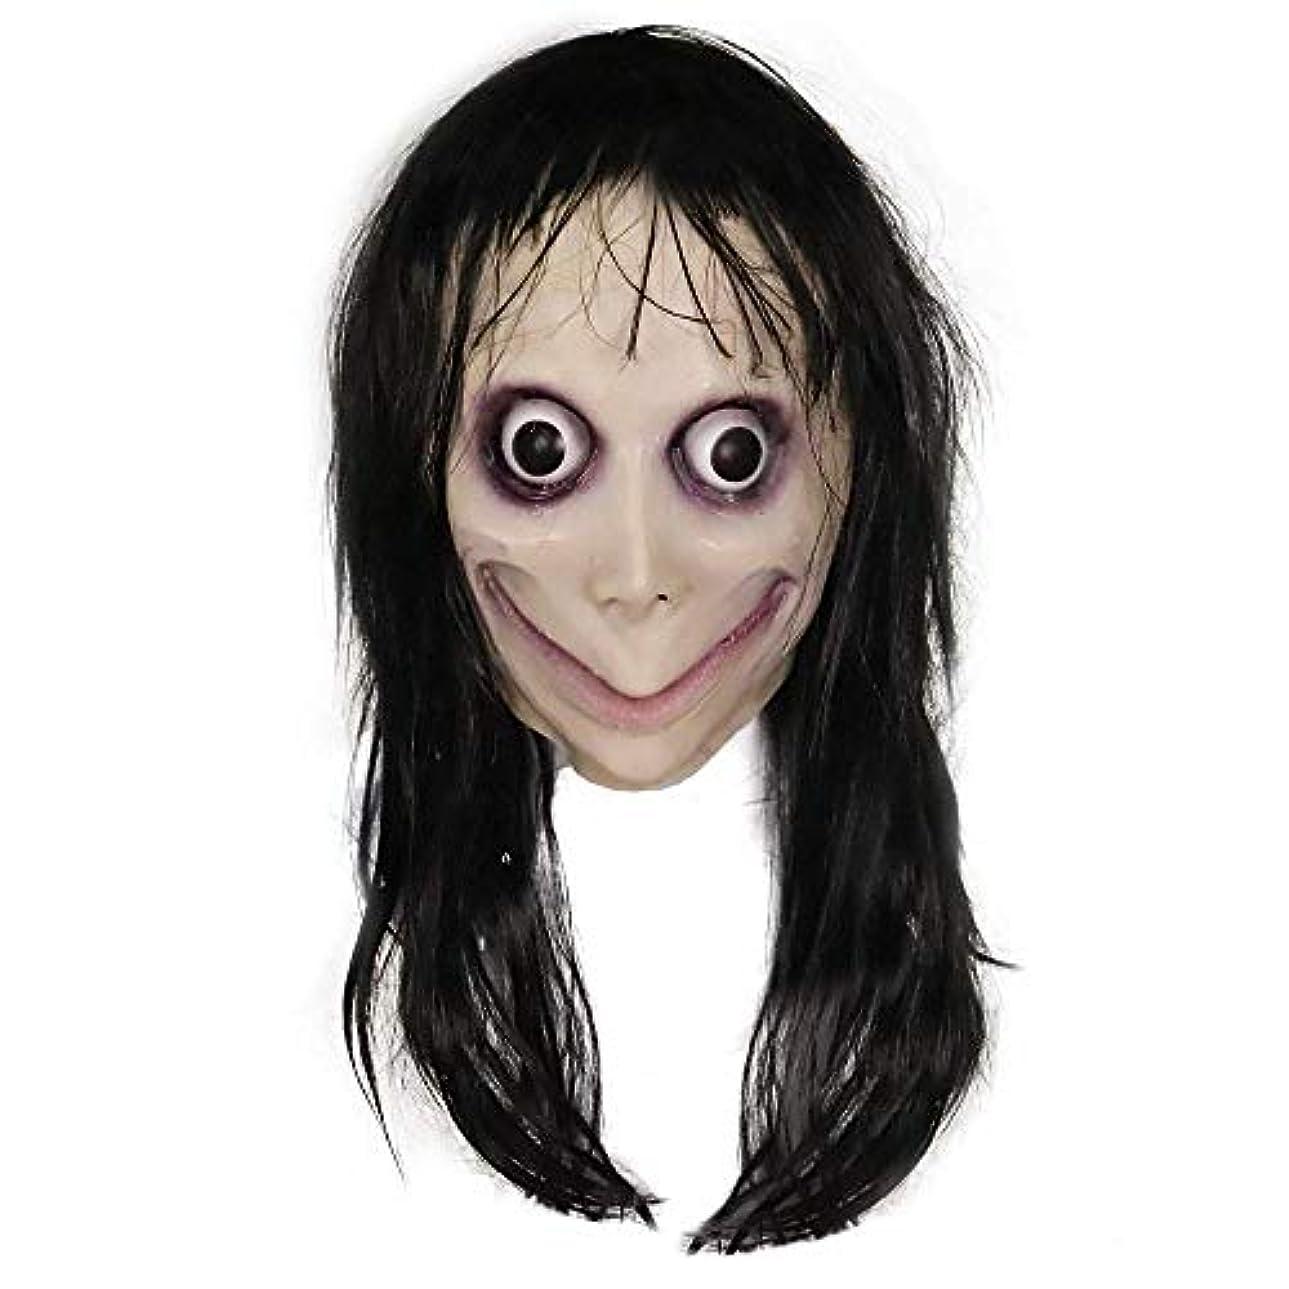 レトルト前書き金銭的不気味なマスク、髪怖いゲームモモマスク、ロールプレイング小道具マスク子供大人ホラー恐怖ゴーストヘルメットラテックスマスクファンシーボールハロウィーンパーティー